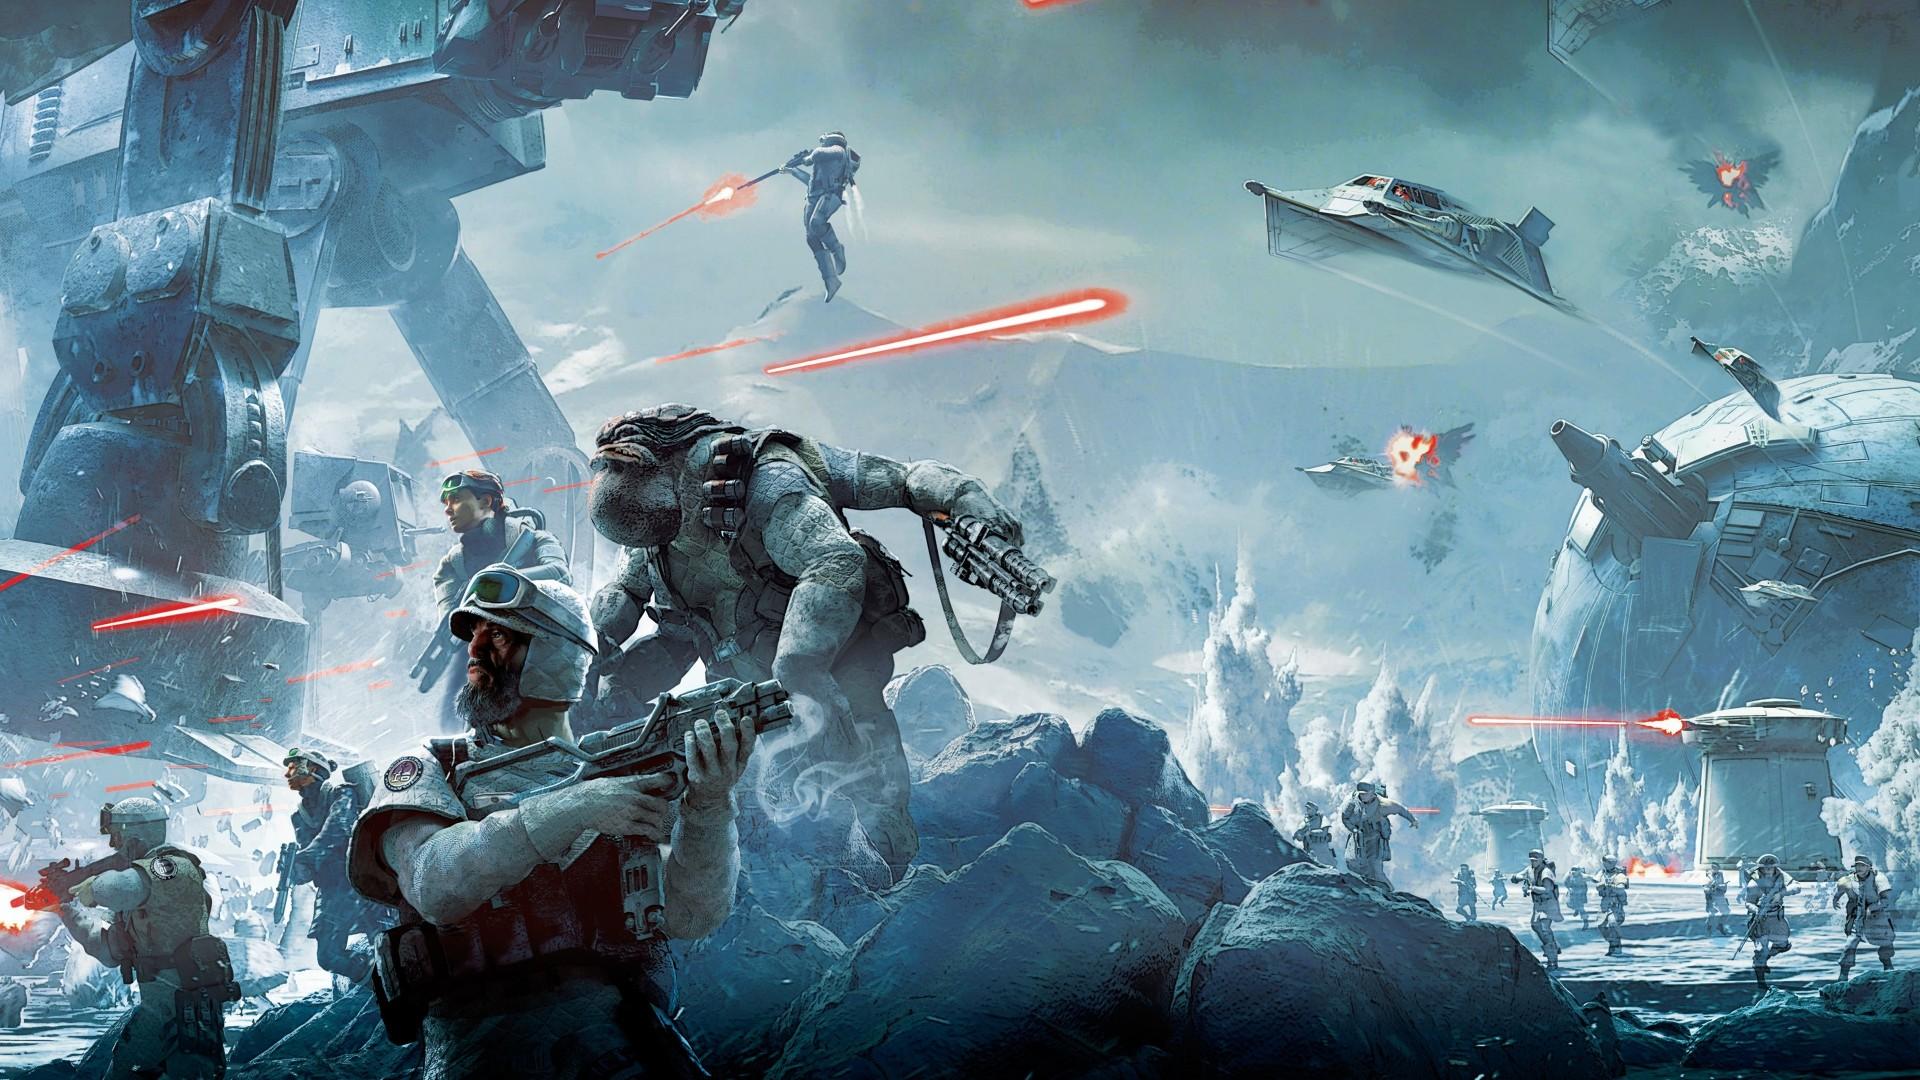 Star Wars Battlefront Art 4 1920x1080 1080p Wallpaper Thewallpaperkid Com